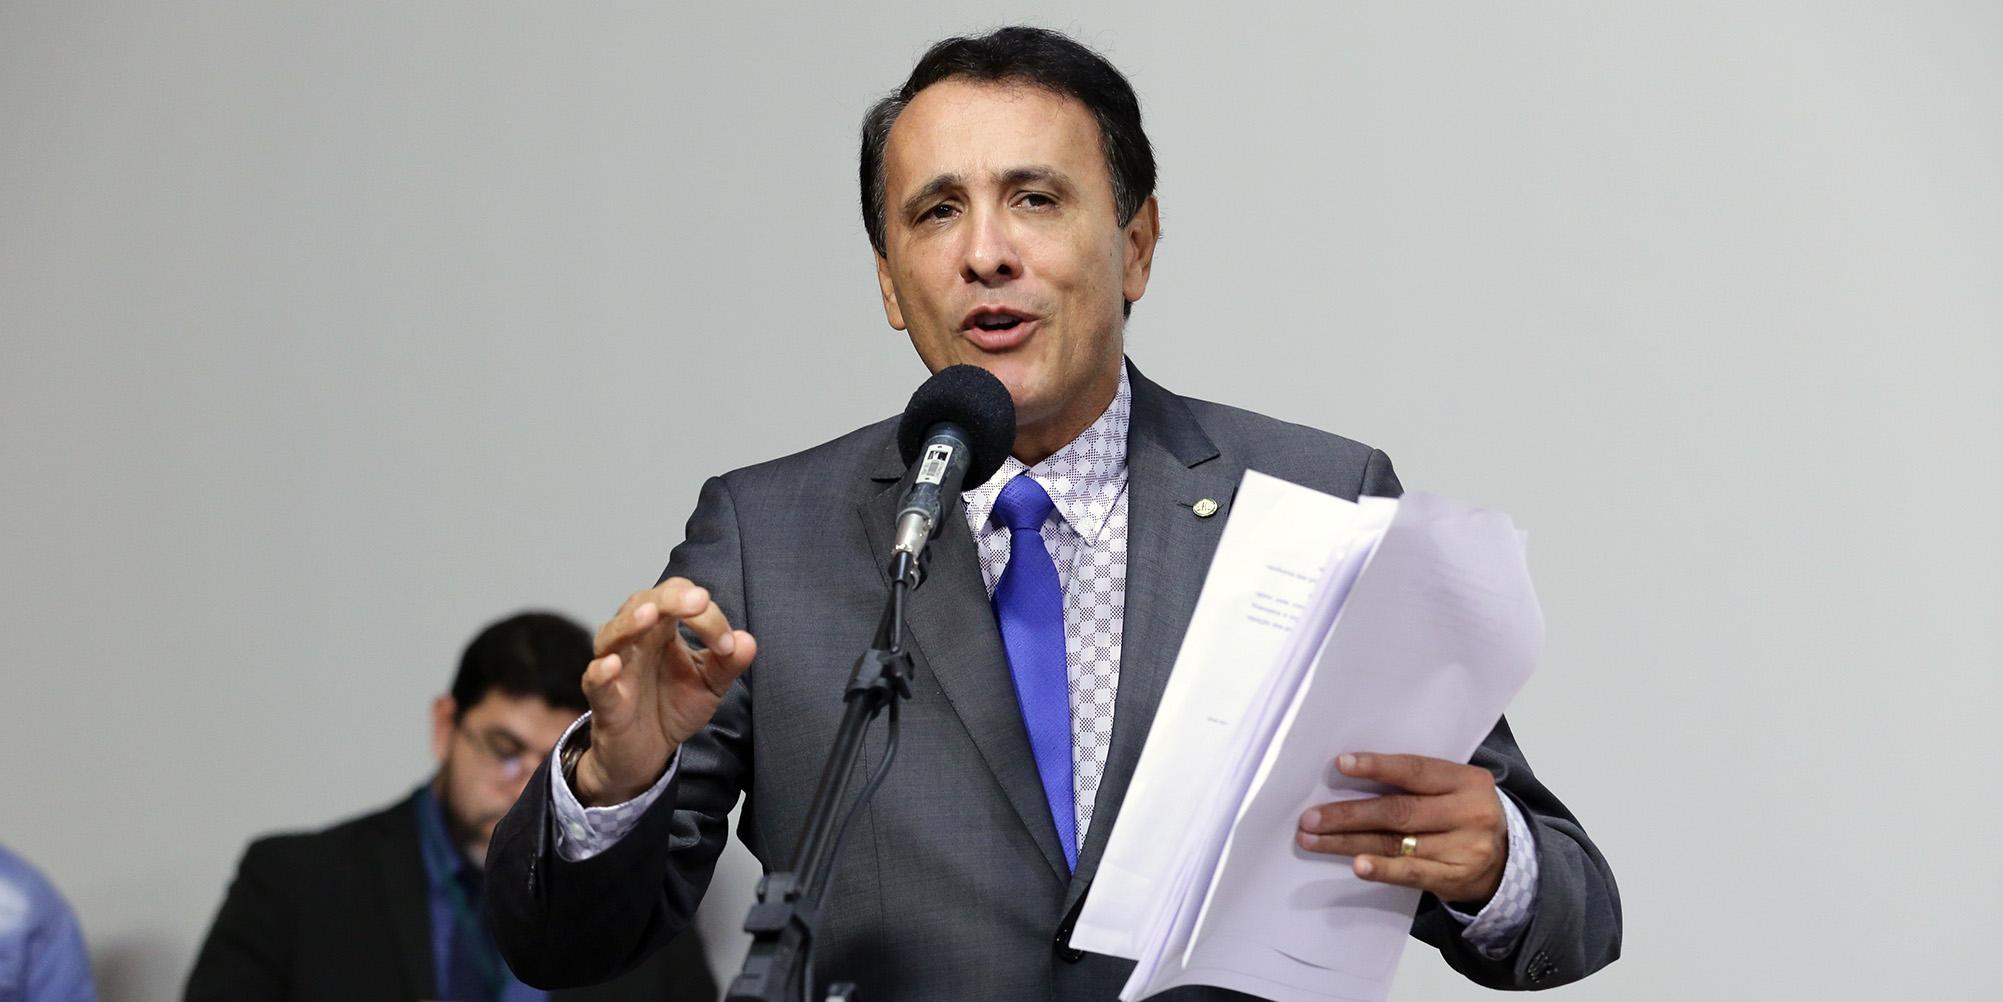 Reunião Ordinária. Dep. Carlos Henrique Gaguim (PODE - TO)